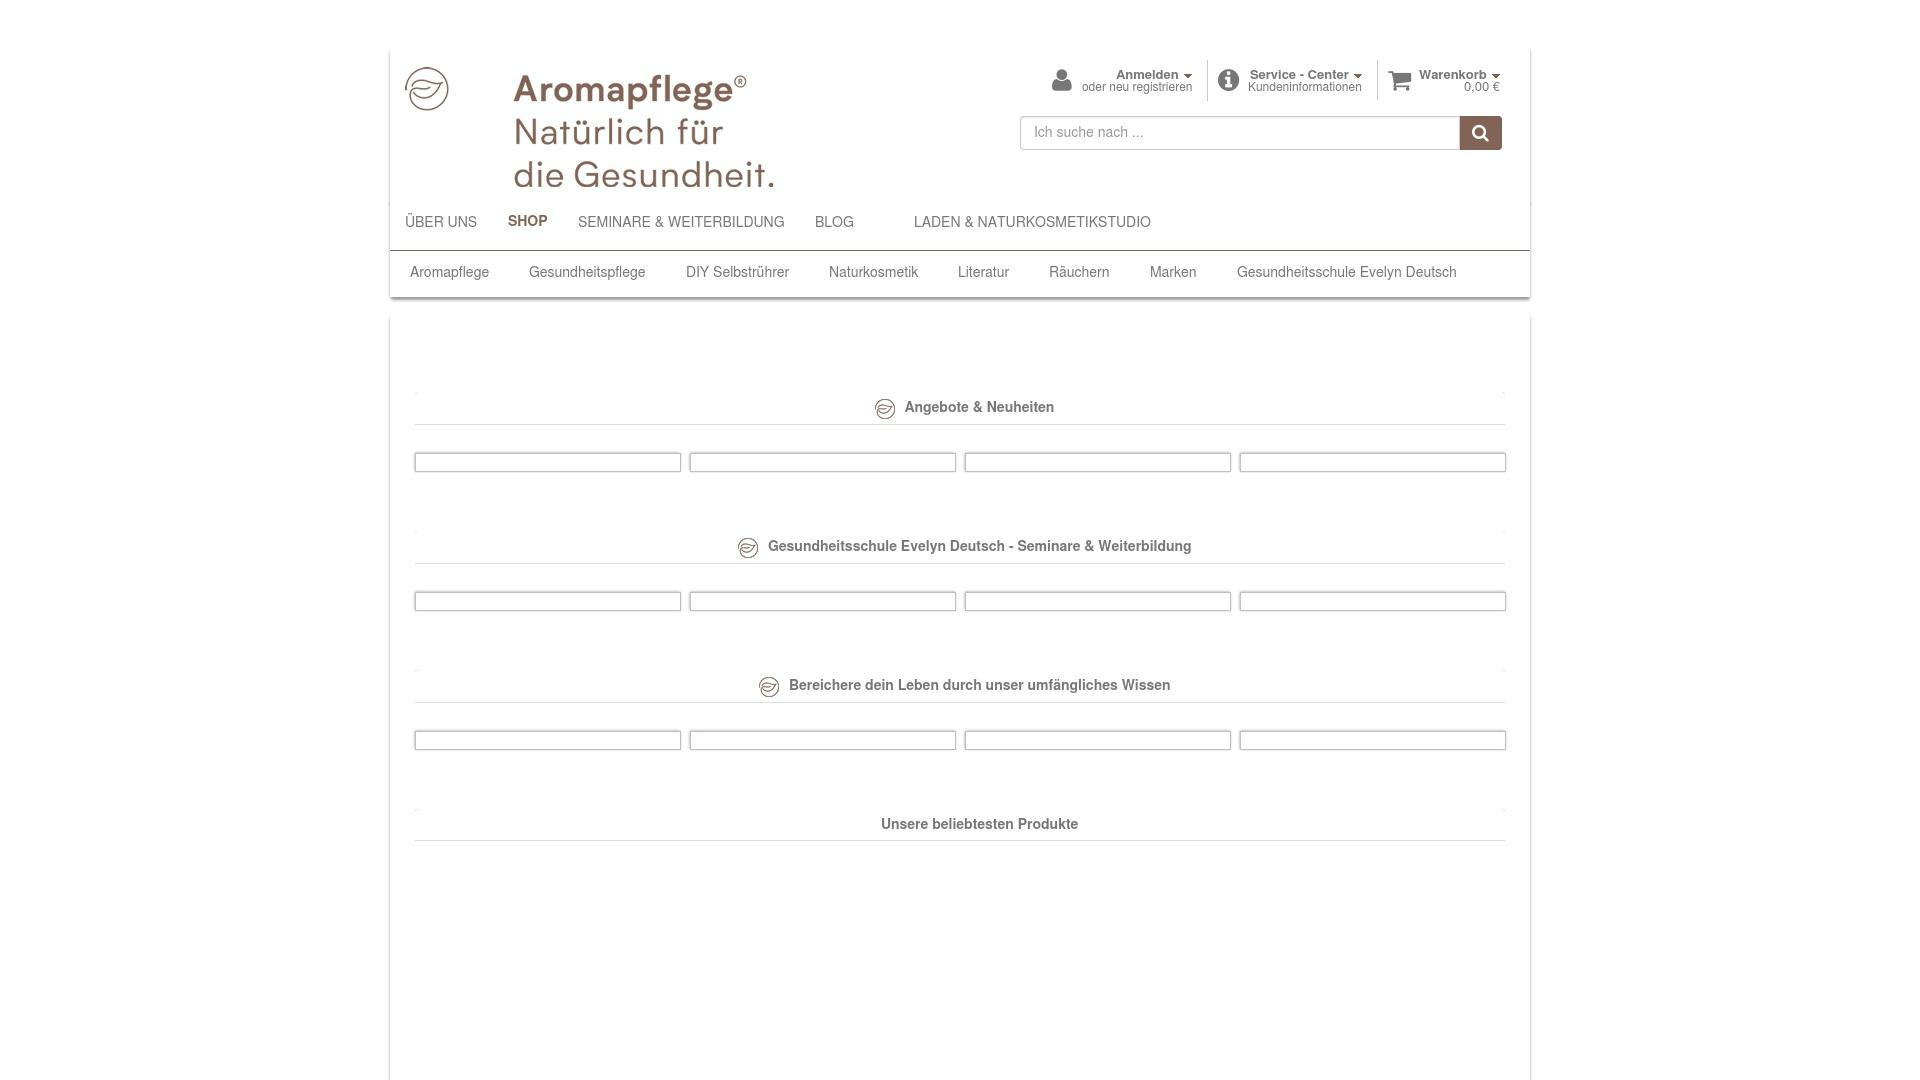 Gutschein für Aromapflege: Rabatte für  Aromapflege sichern